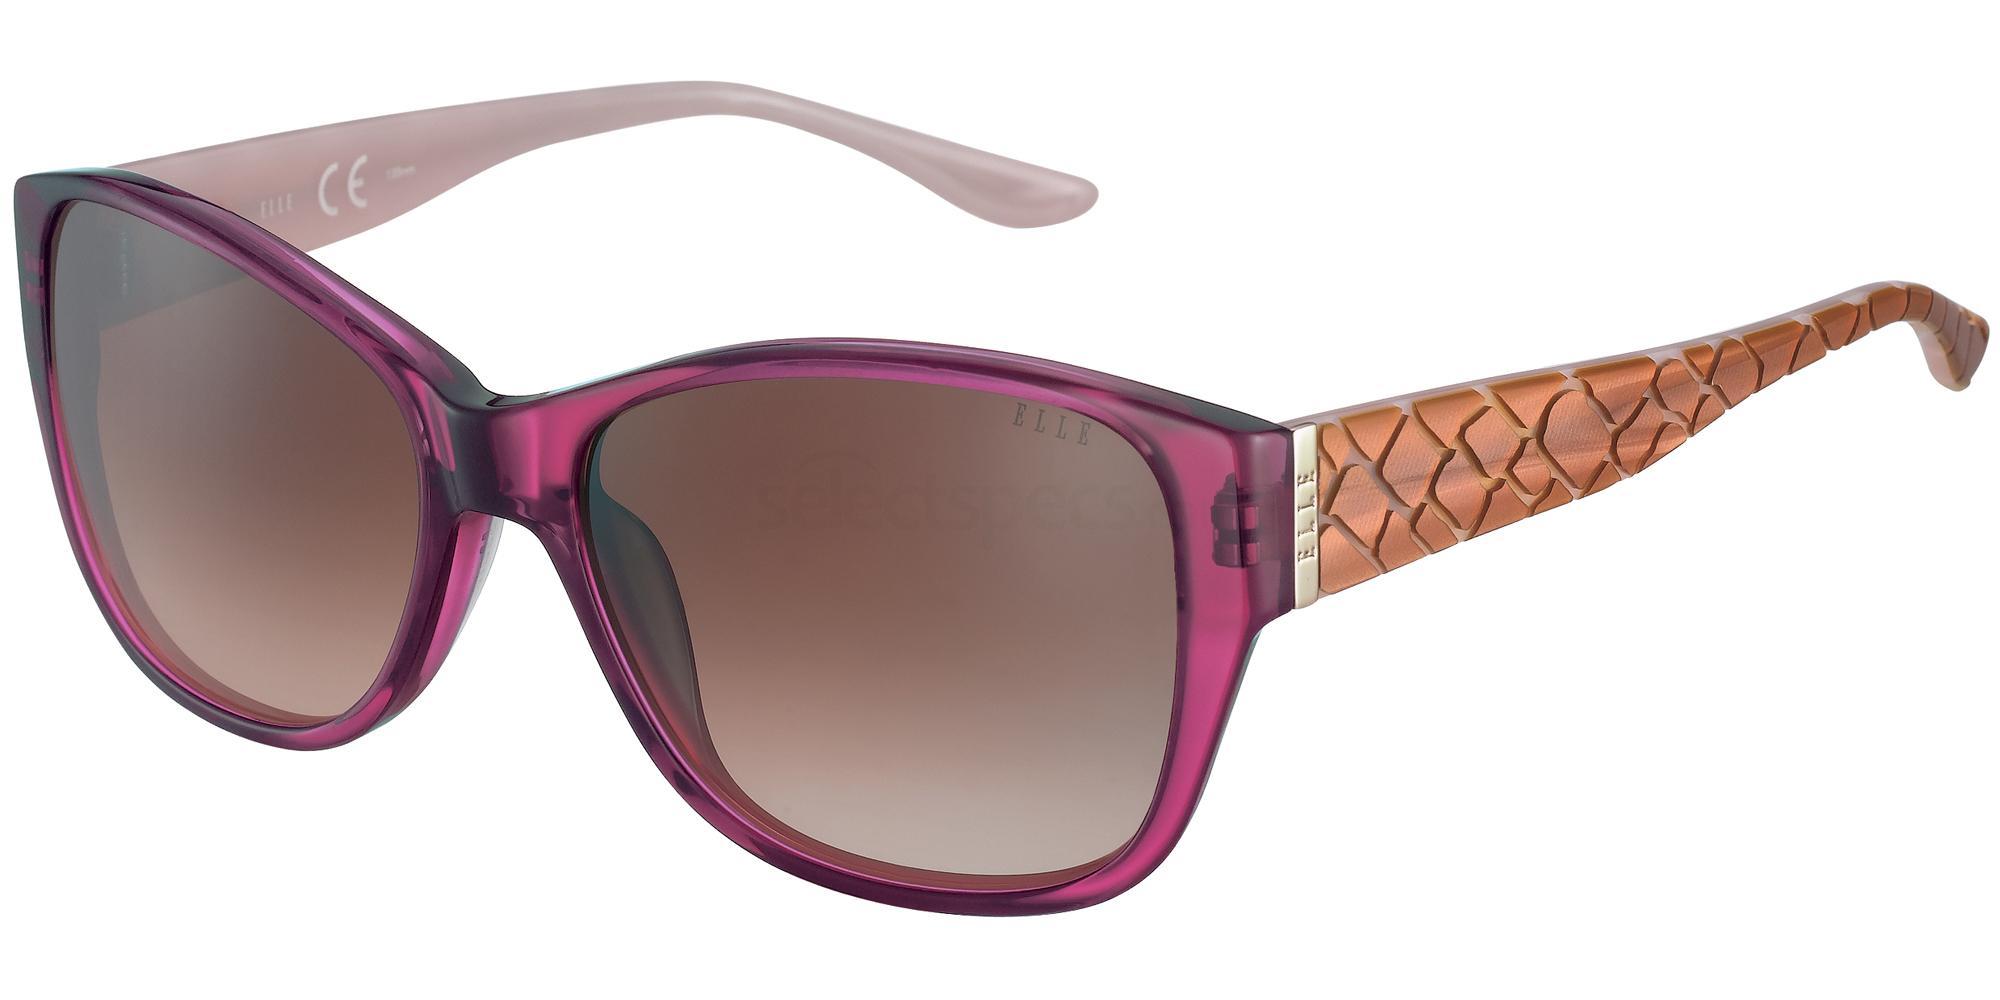 PU EL14828 Sunglasses, ELLE